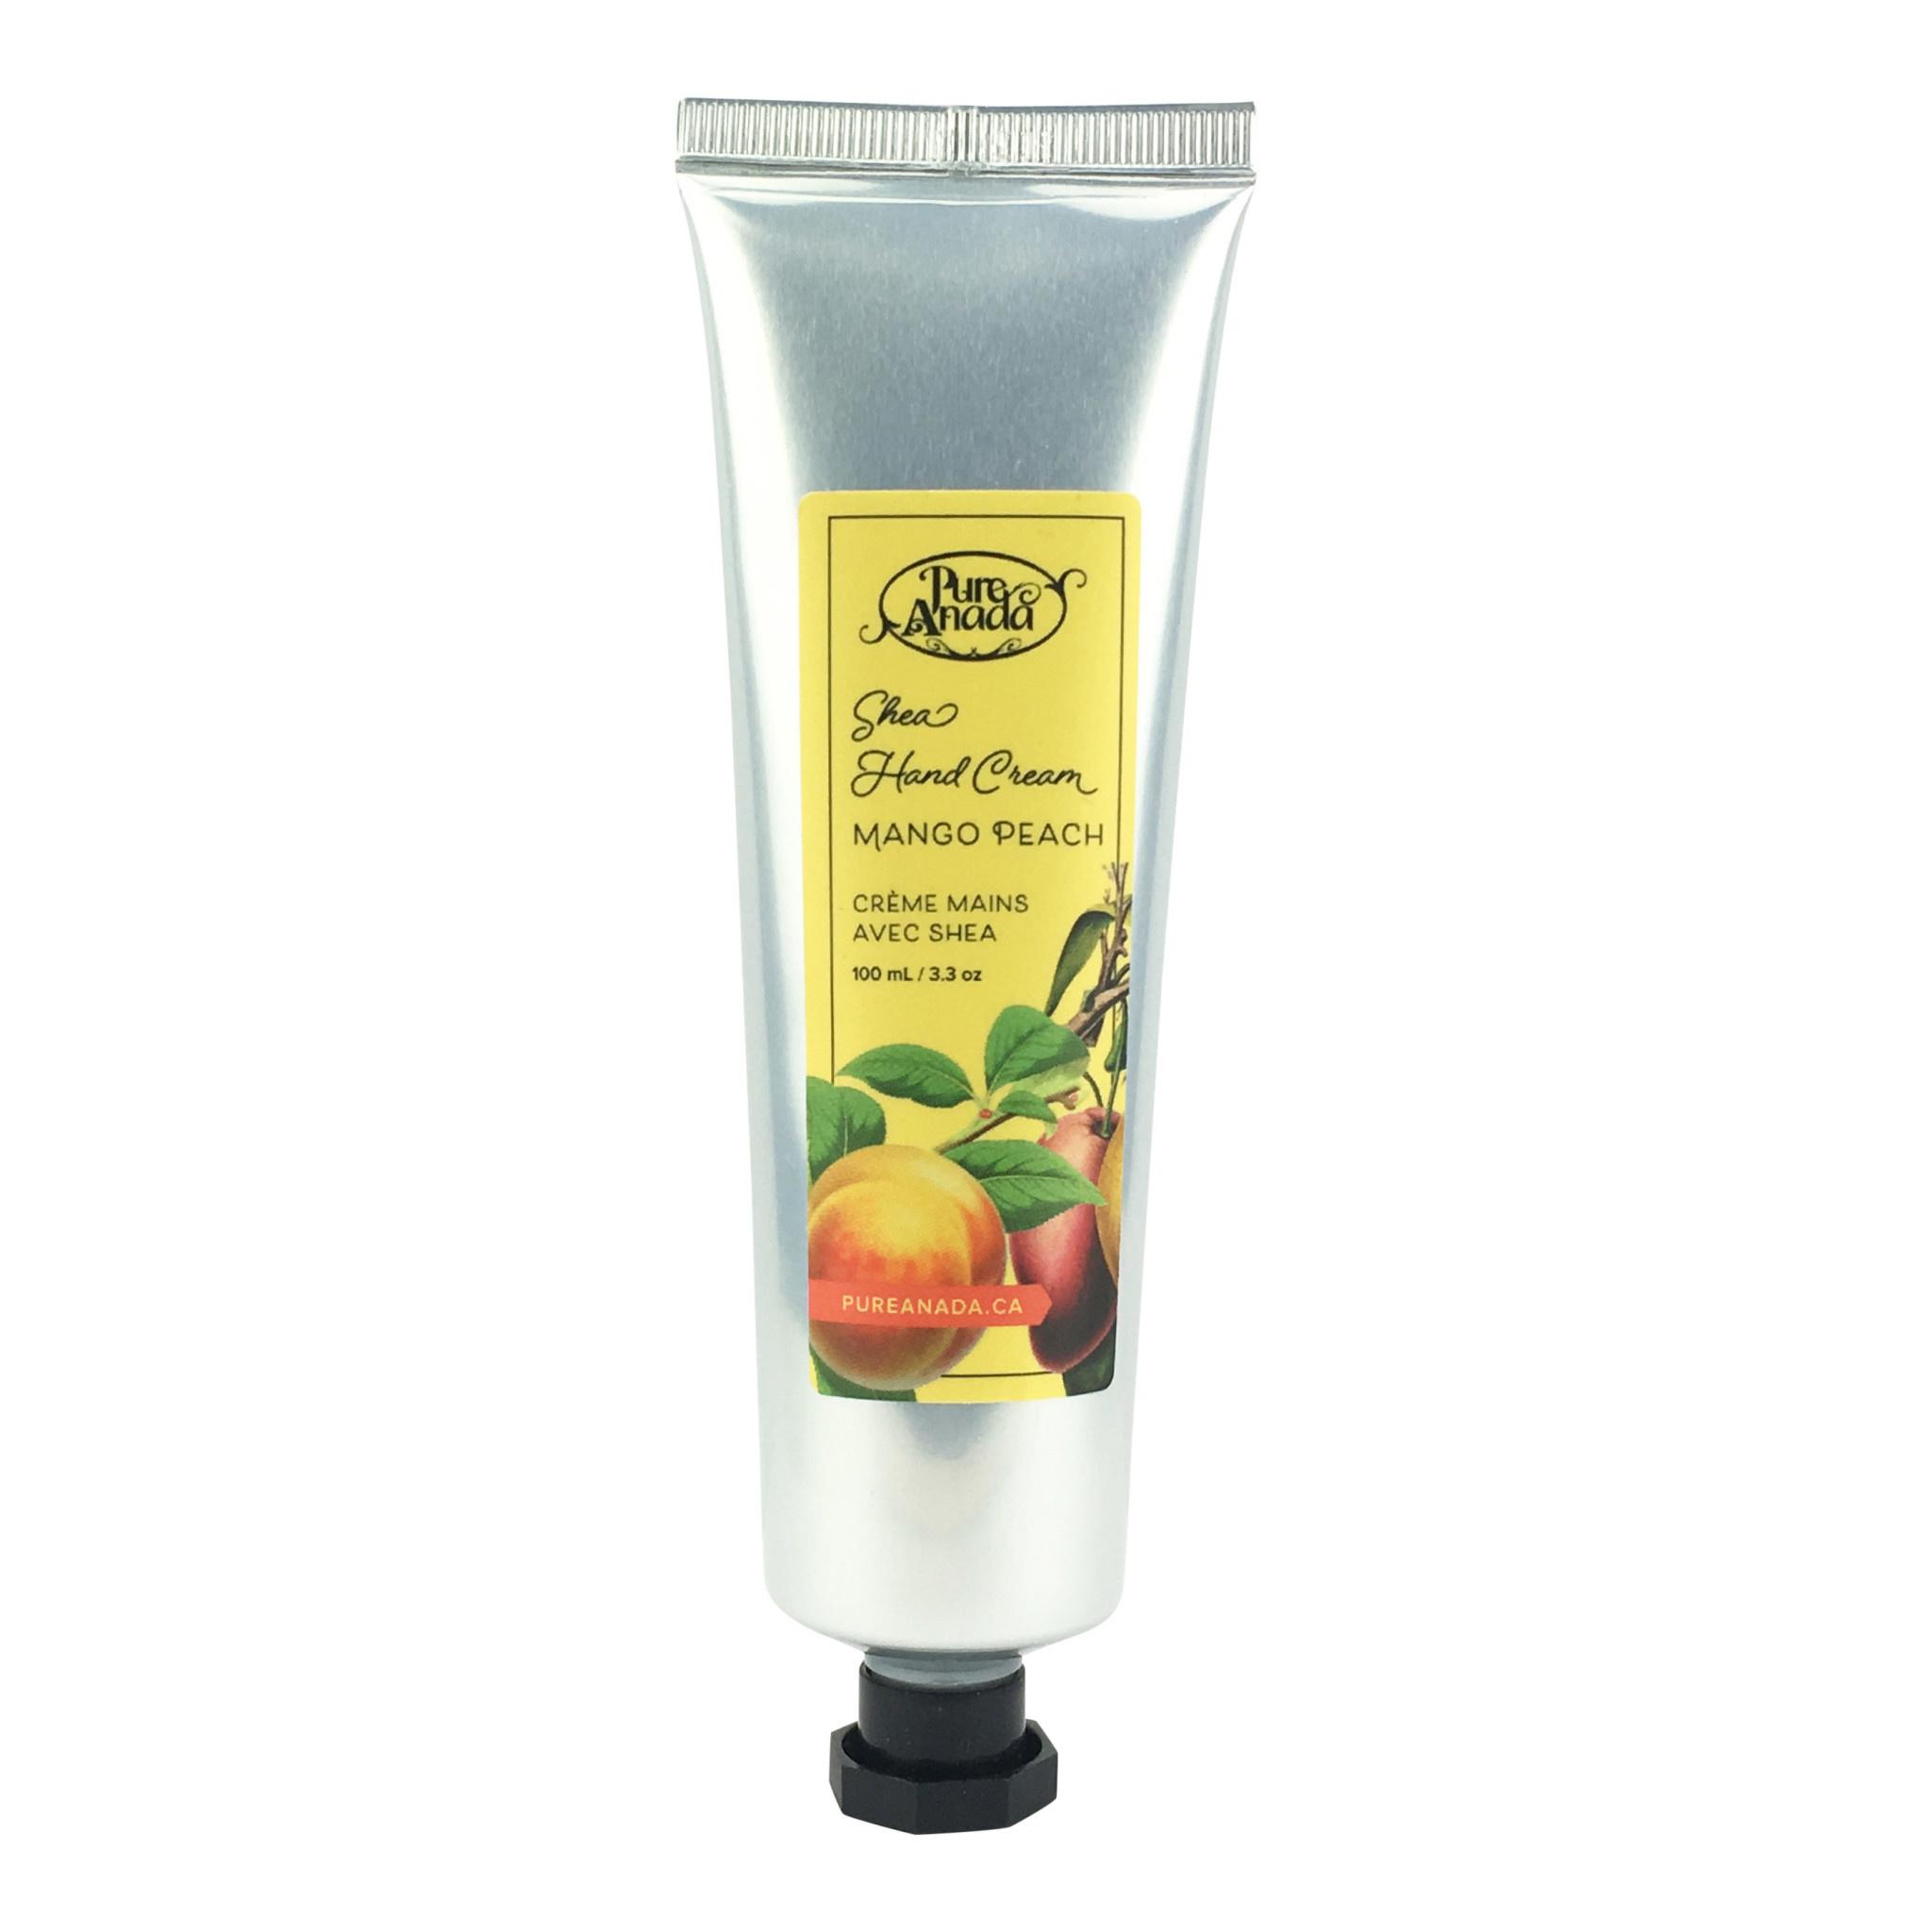 Shea Hand Cream - Mango Peach-1